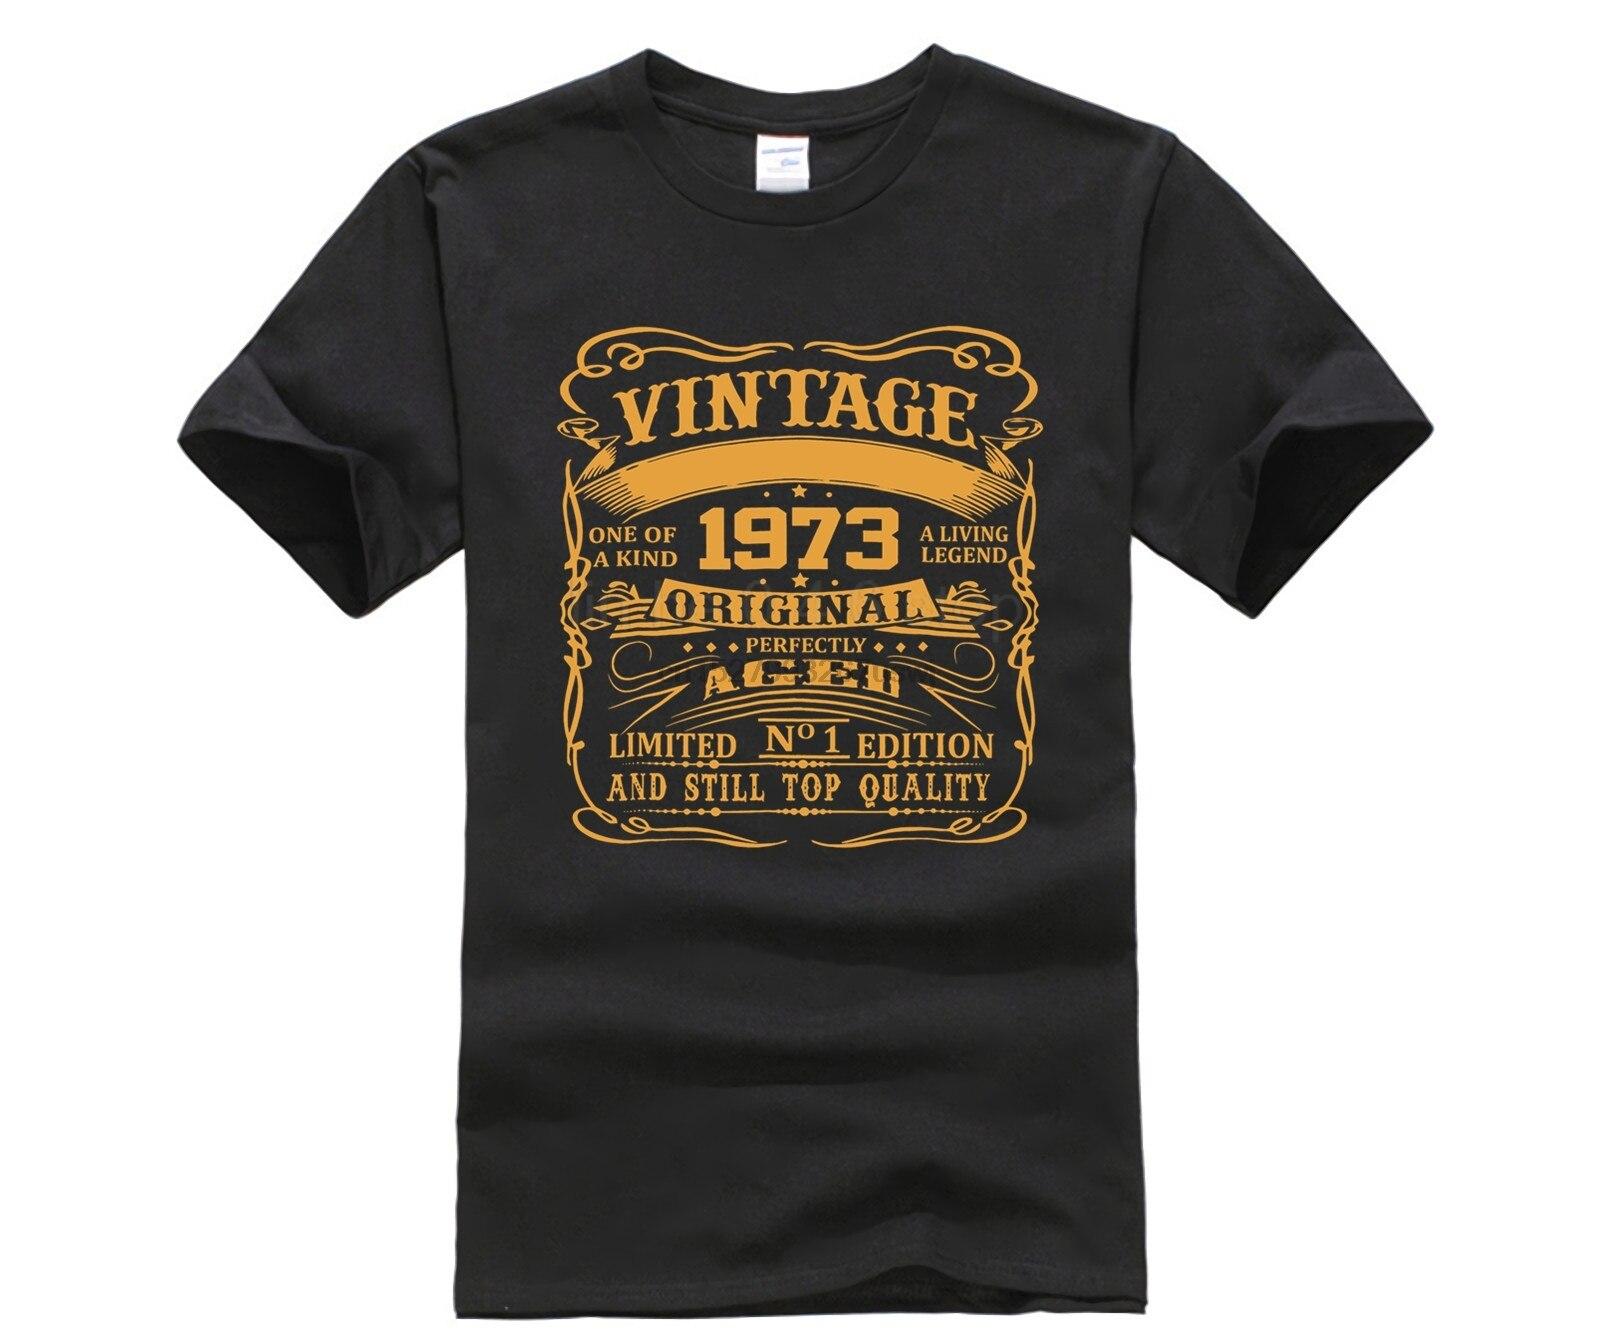 Camiseta GeT-Vintage Agosto-1973 GifT-45th cumpleaños perfectamente envejecido